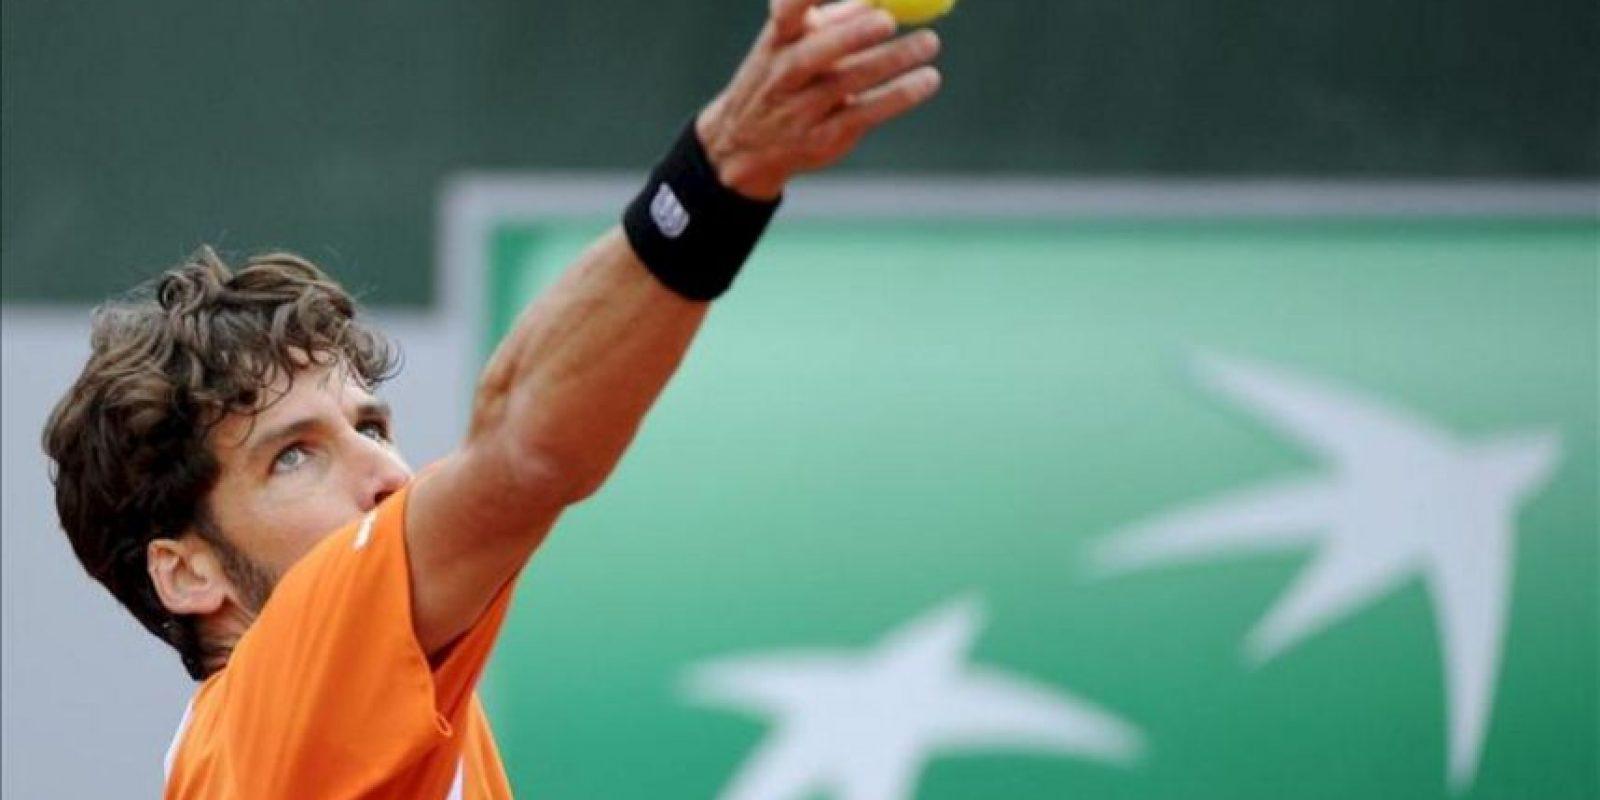 El tenista Feliciano López realiza un saque durante el partido de segunda ronda del torneo de tenis Roland Garros. EFE